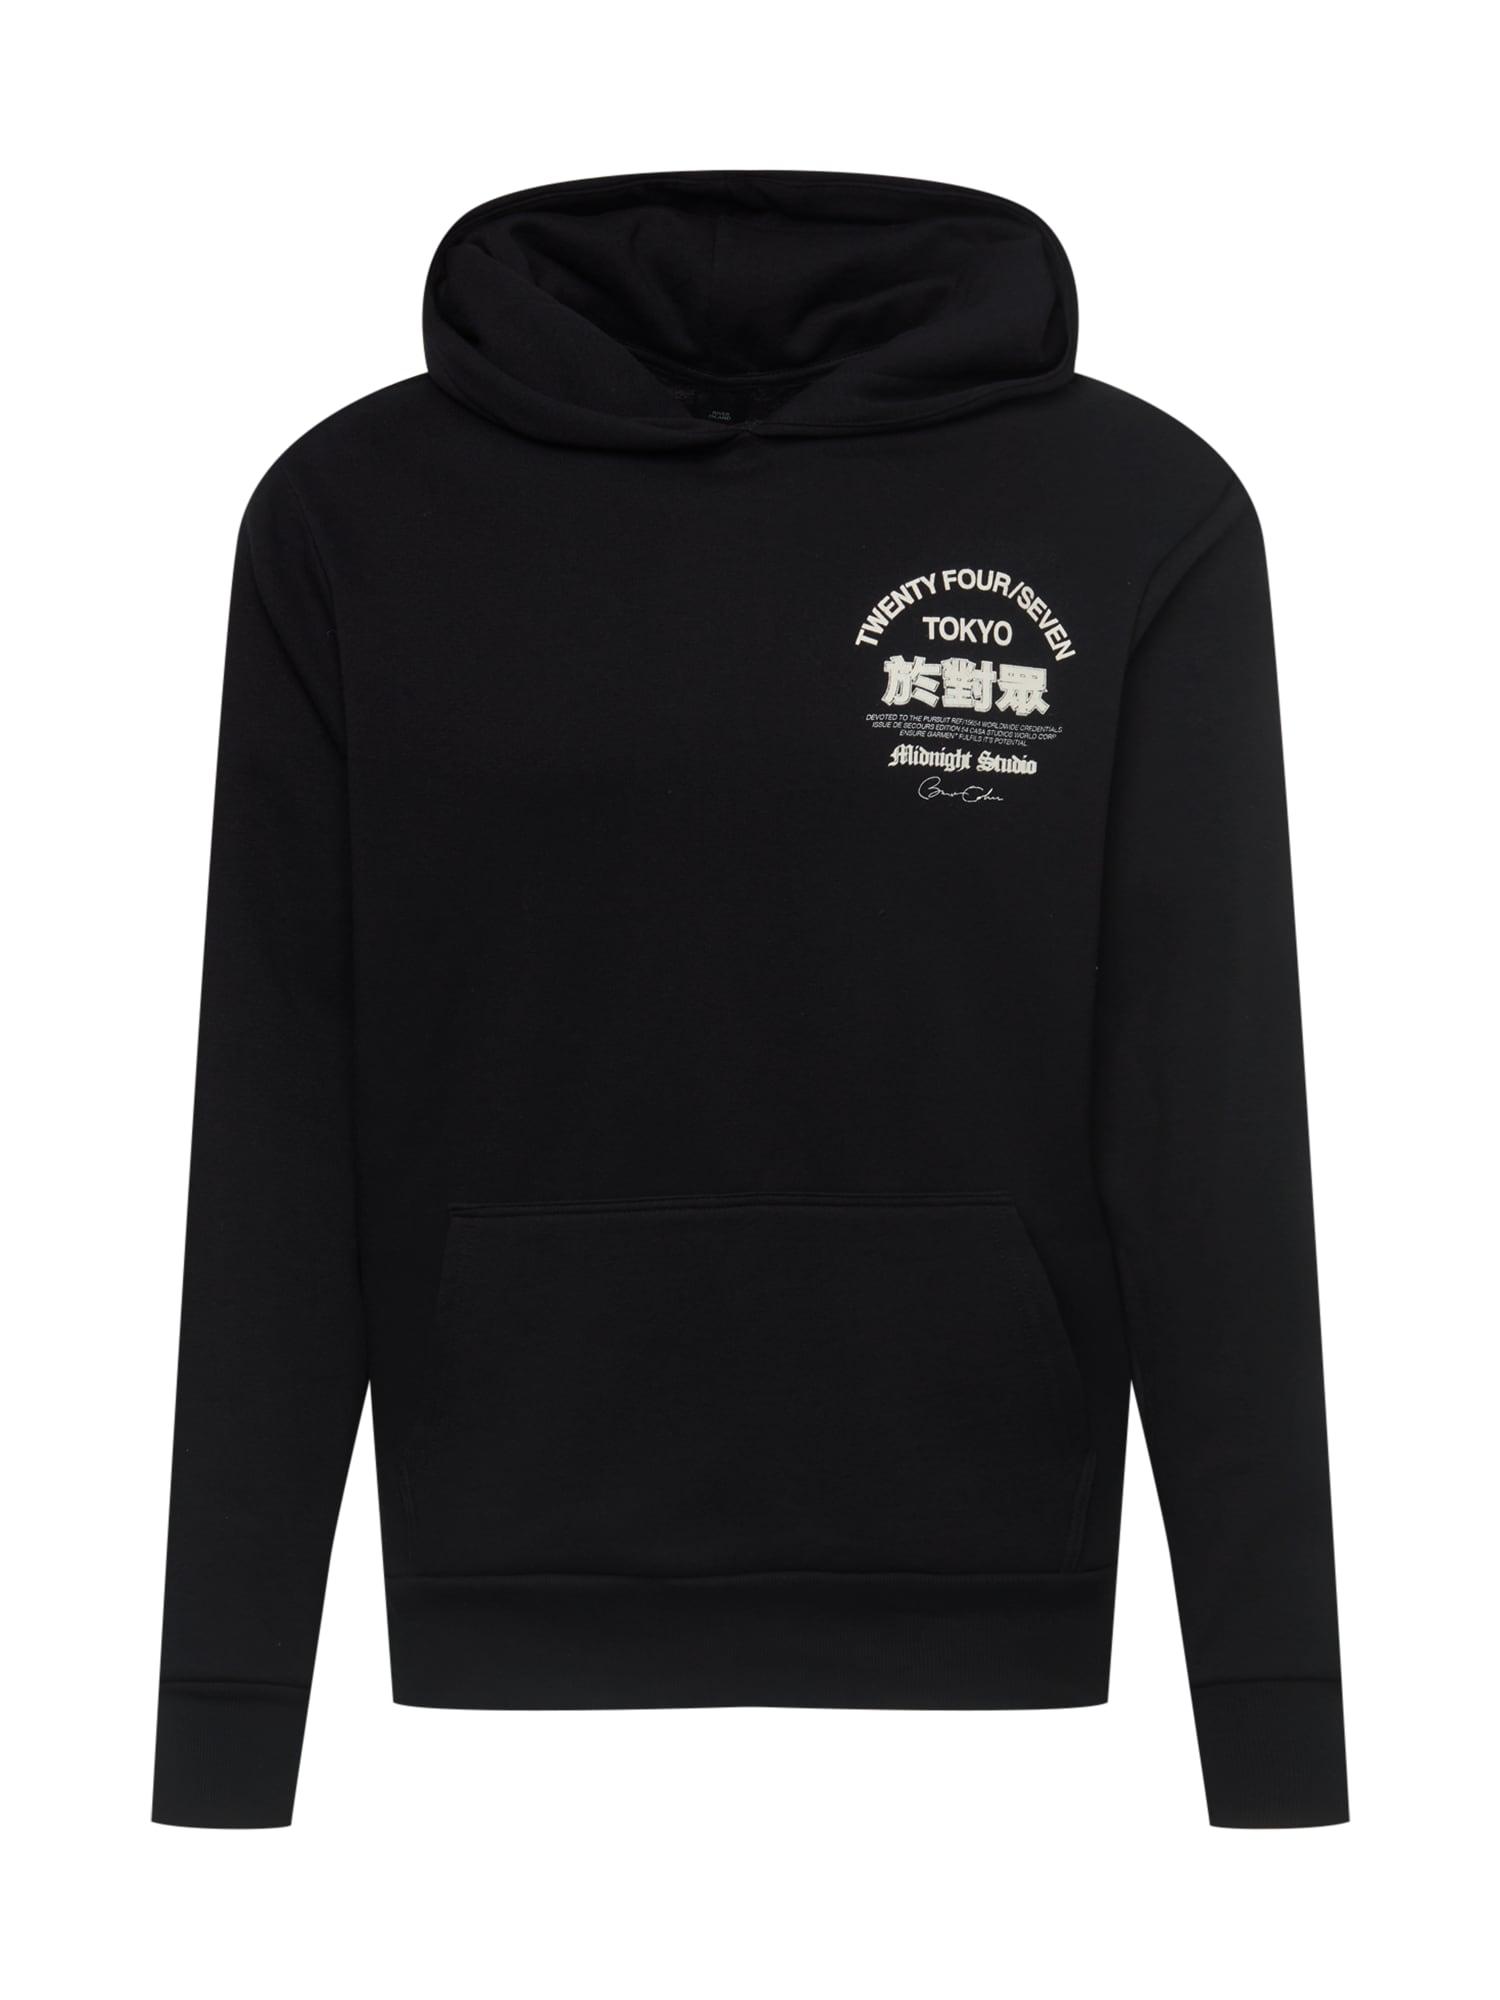 River Island Sweat-shirt 'METROPOLE PARIS'  - Noir - Taille: M - male